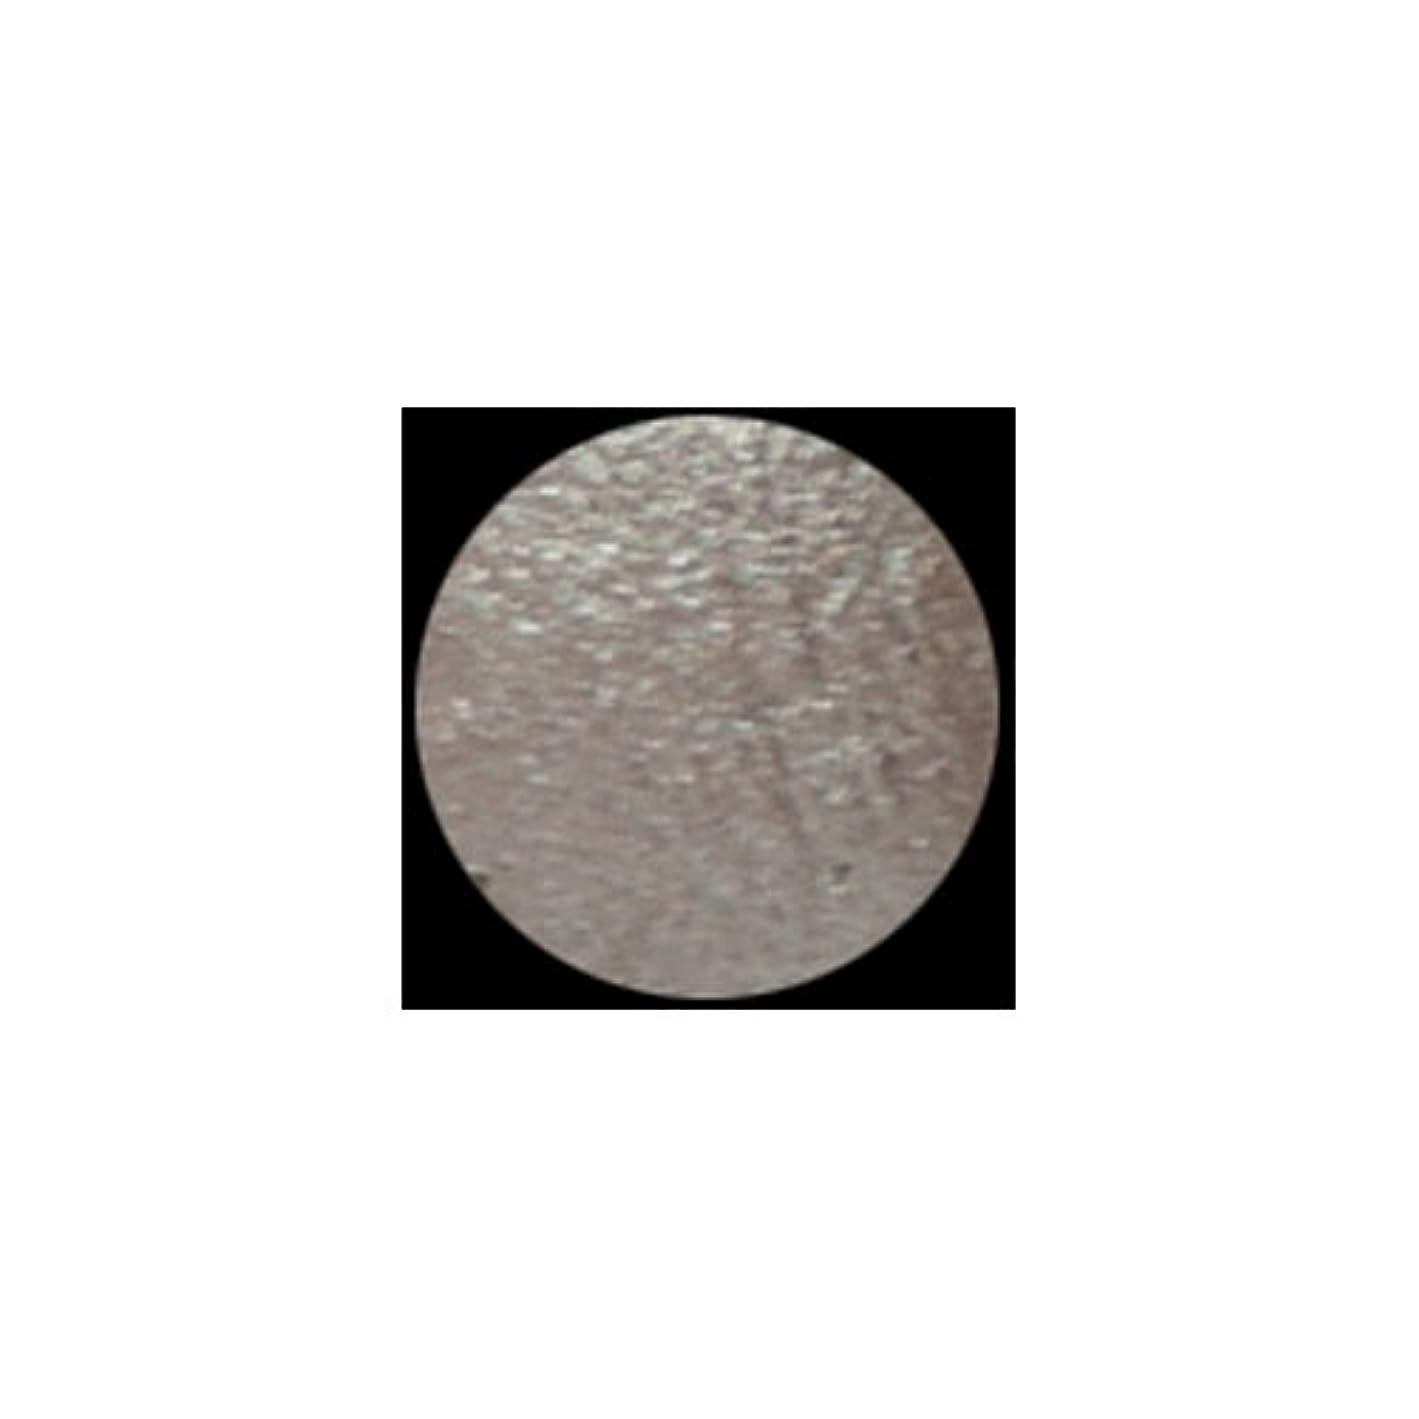 処理するトリップ導入するKLEANCOLOR American Eyedol (Wet/Dry Baked Eyeshadow) - Toffee (並行輸入品)